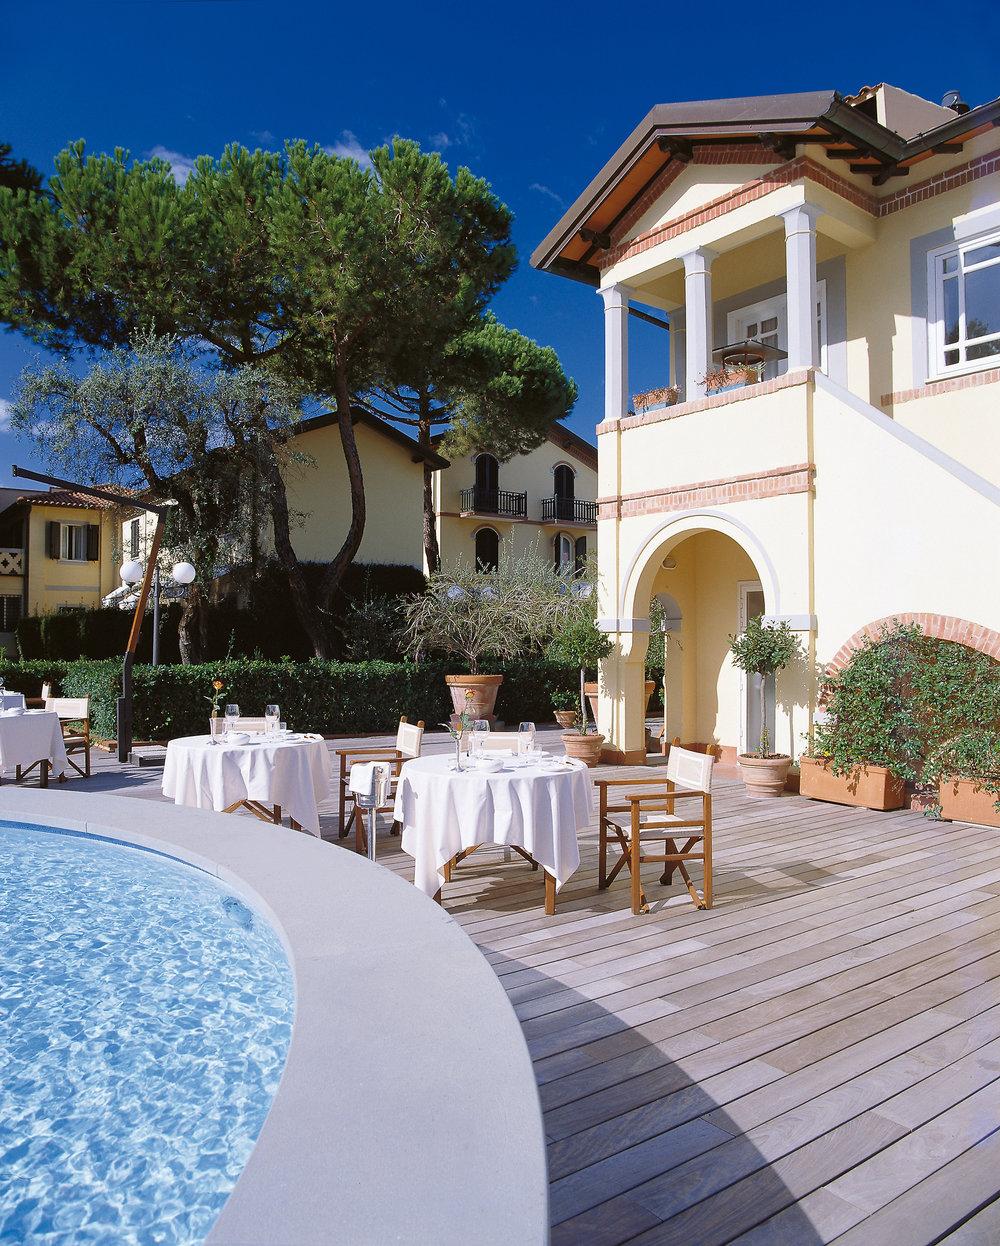 8891264_65_hotel_ristorante_sulla_piscina.jpg